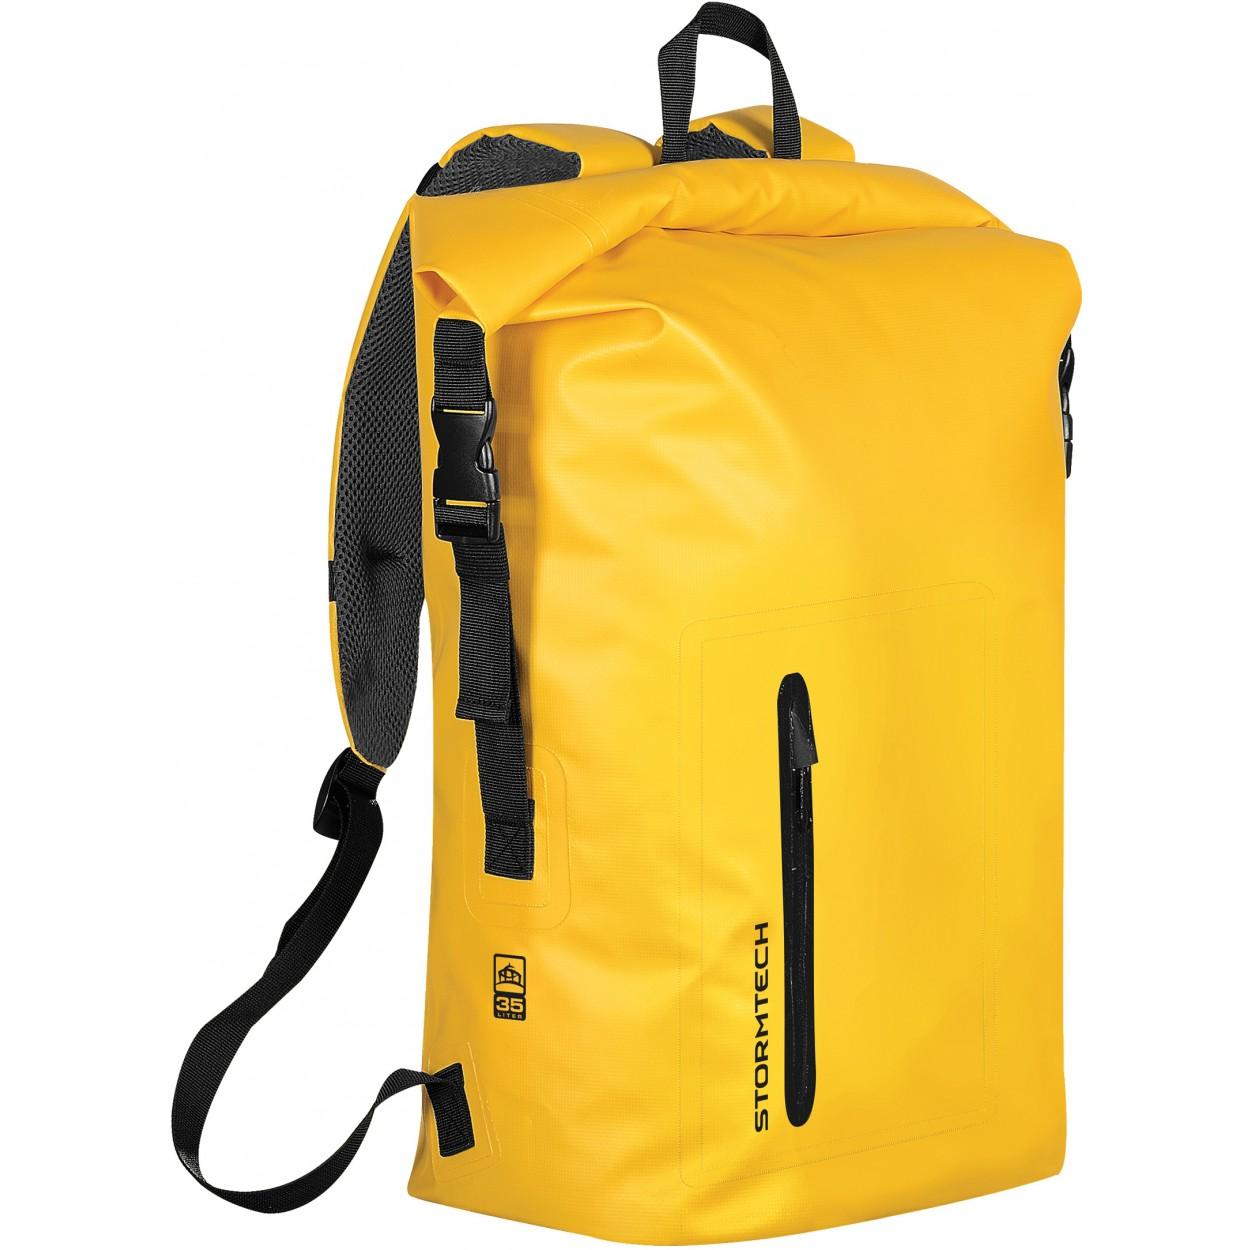 Waterproof Backpack – Blessey Marine